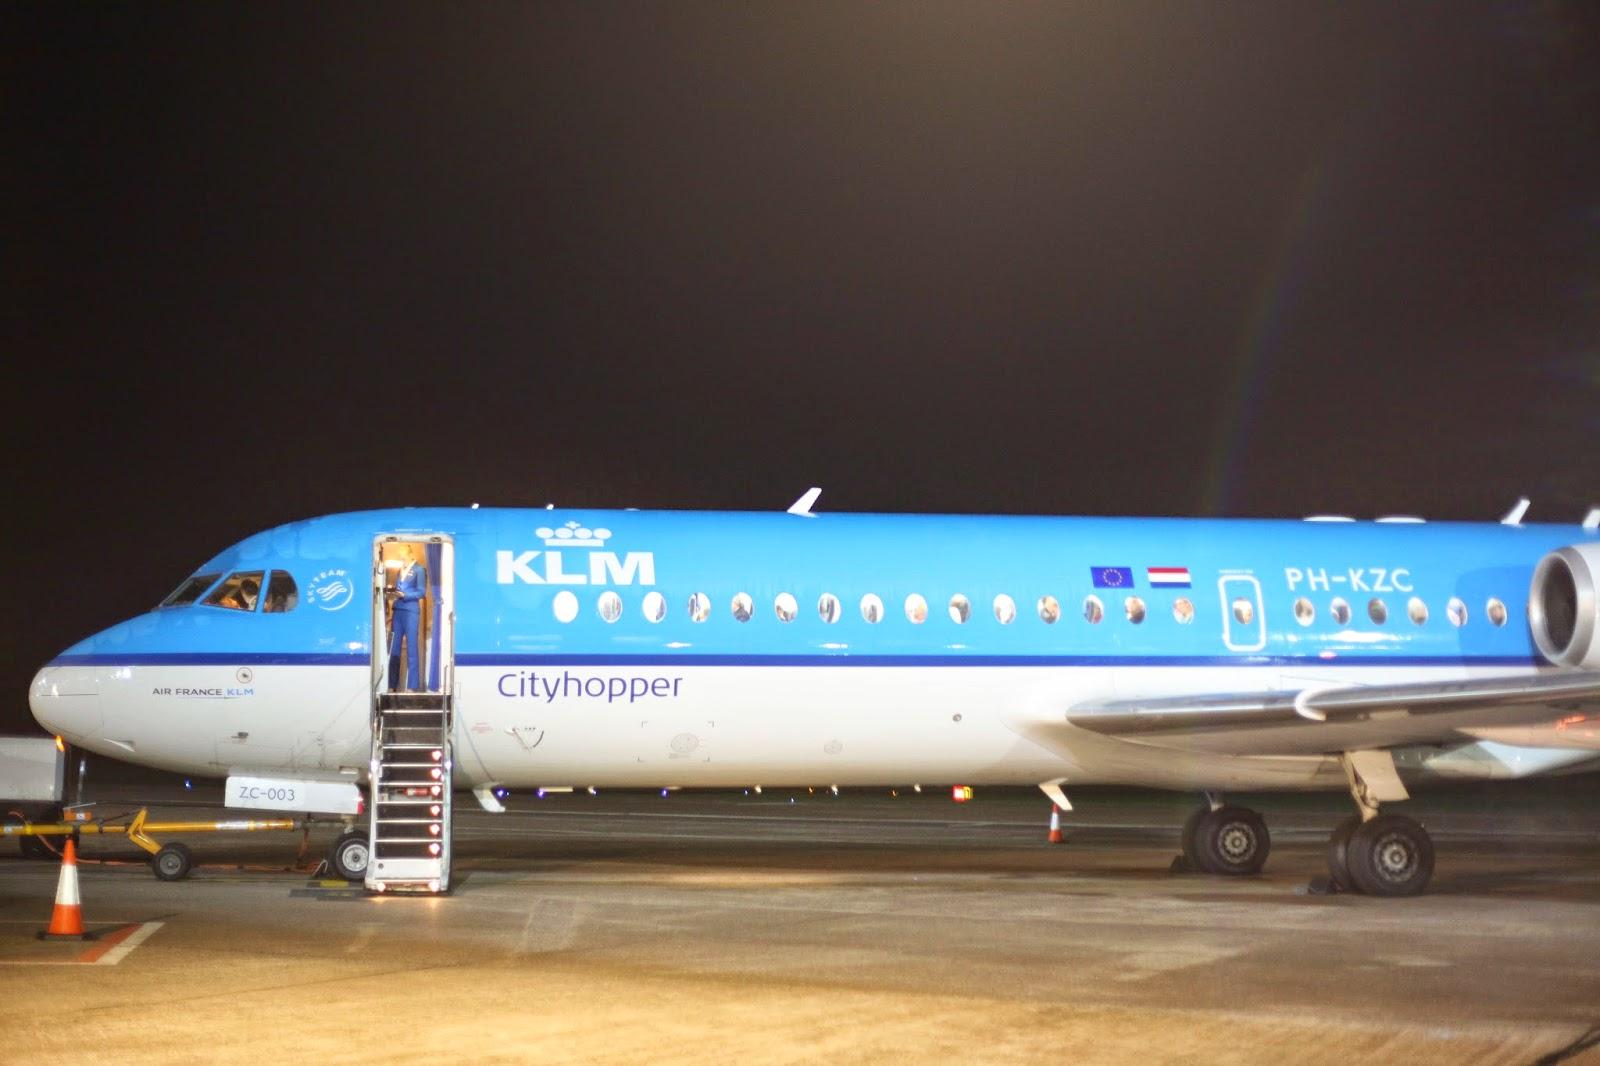 KLM cityhoppper